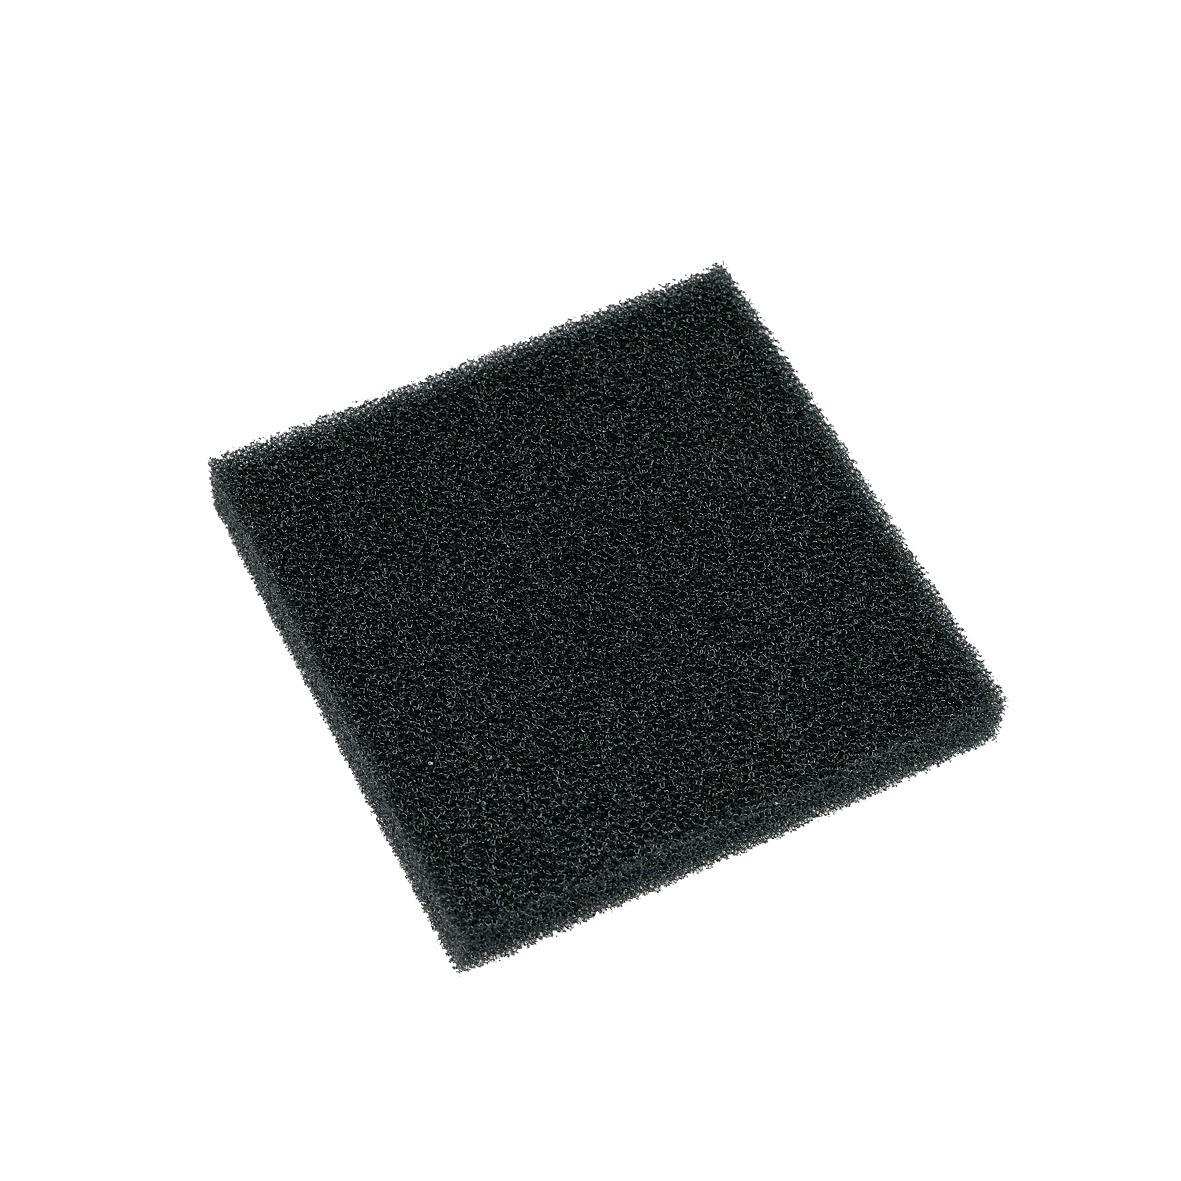 Schaumfilter Bosch 00483333 Abluftfilter 118x118mm für Bodenstaubsauger